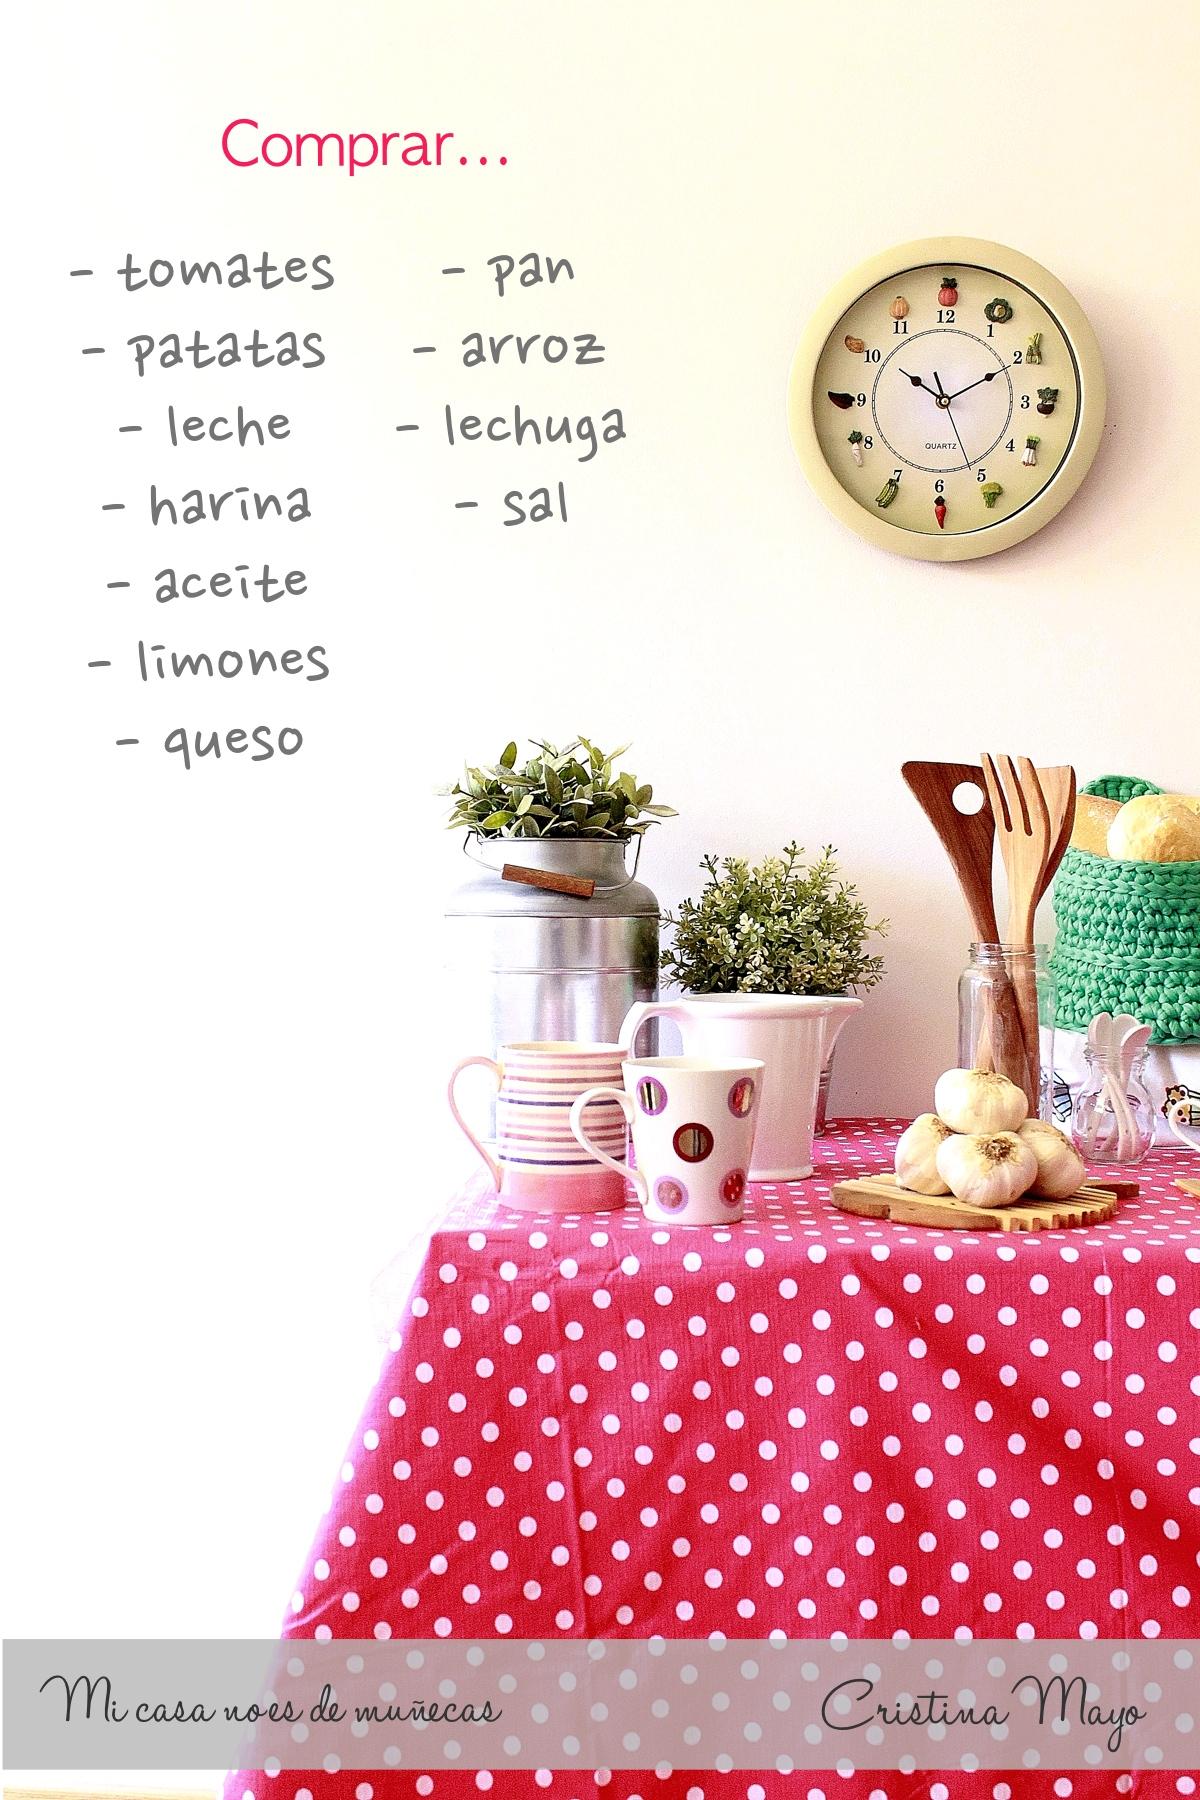 Imagen-cestos de punto en la cocina 02